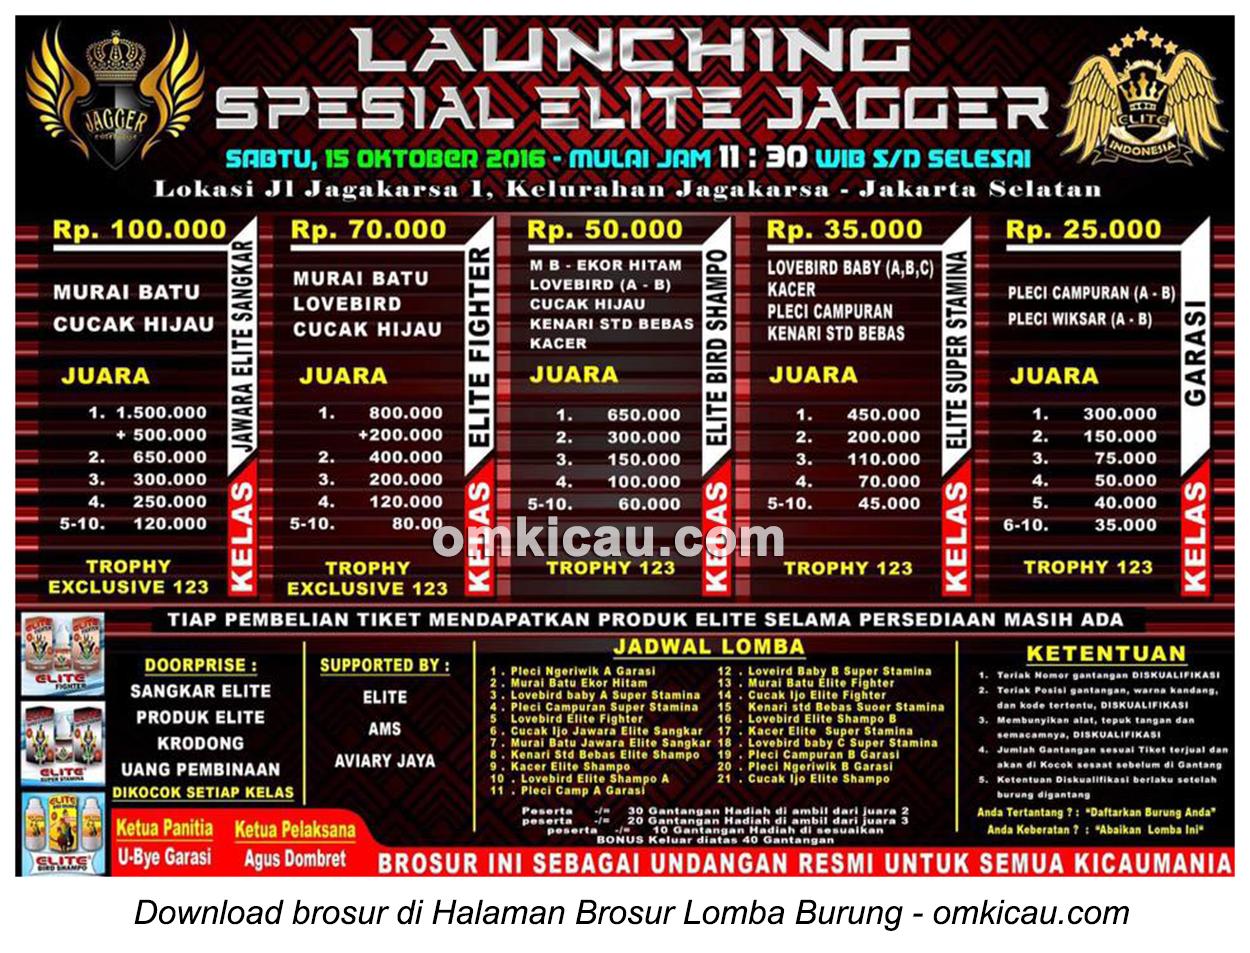 Brosur Lomba Burung Berkicau Launching Spesial Elite Jagger, Jakarta Selatan, 15 Oktober 2016